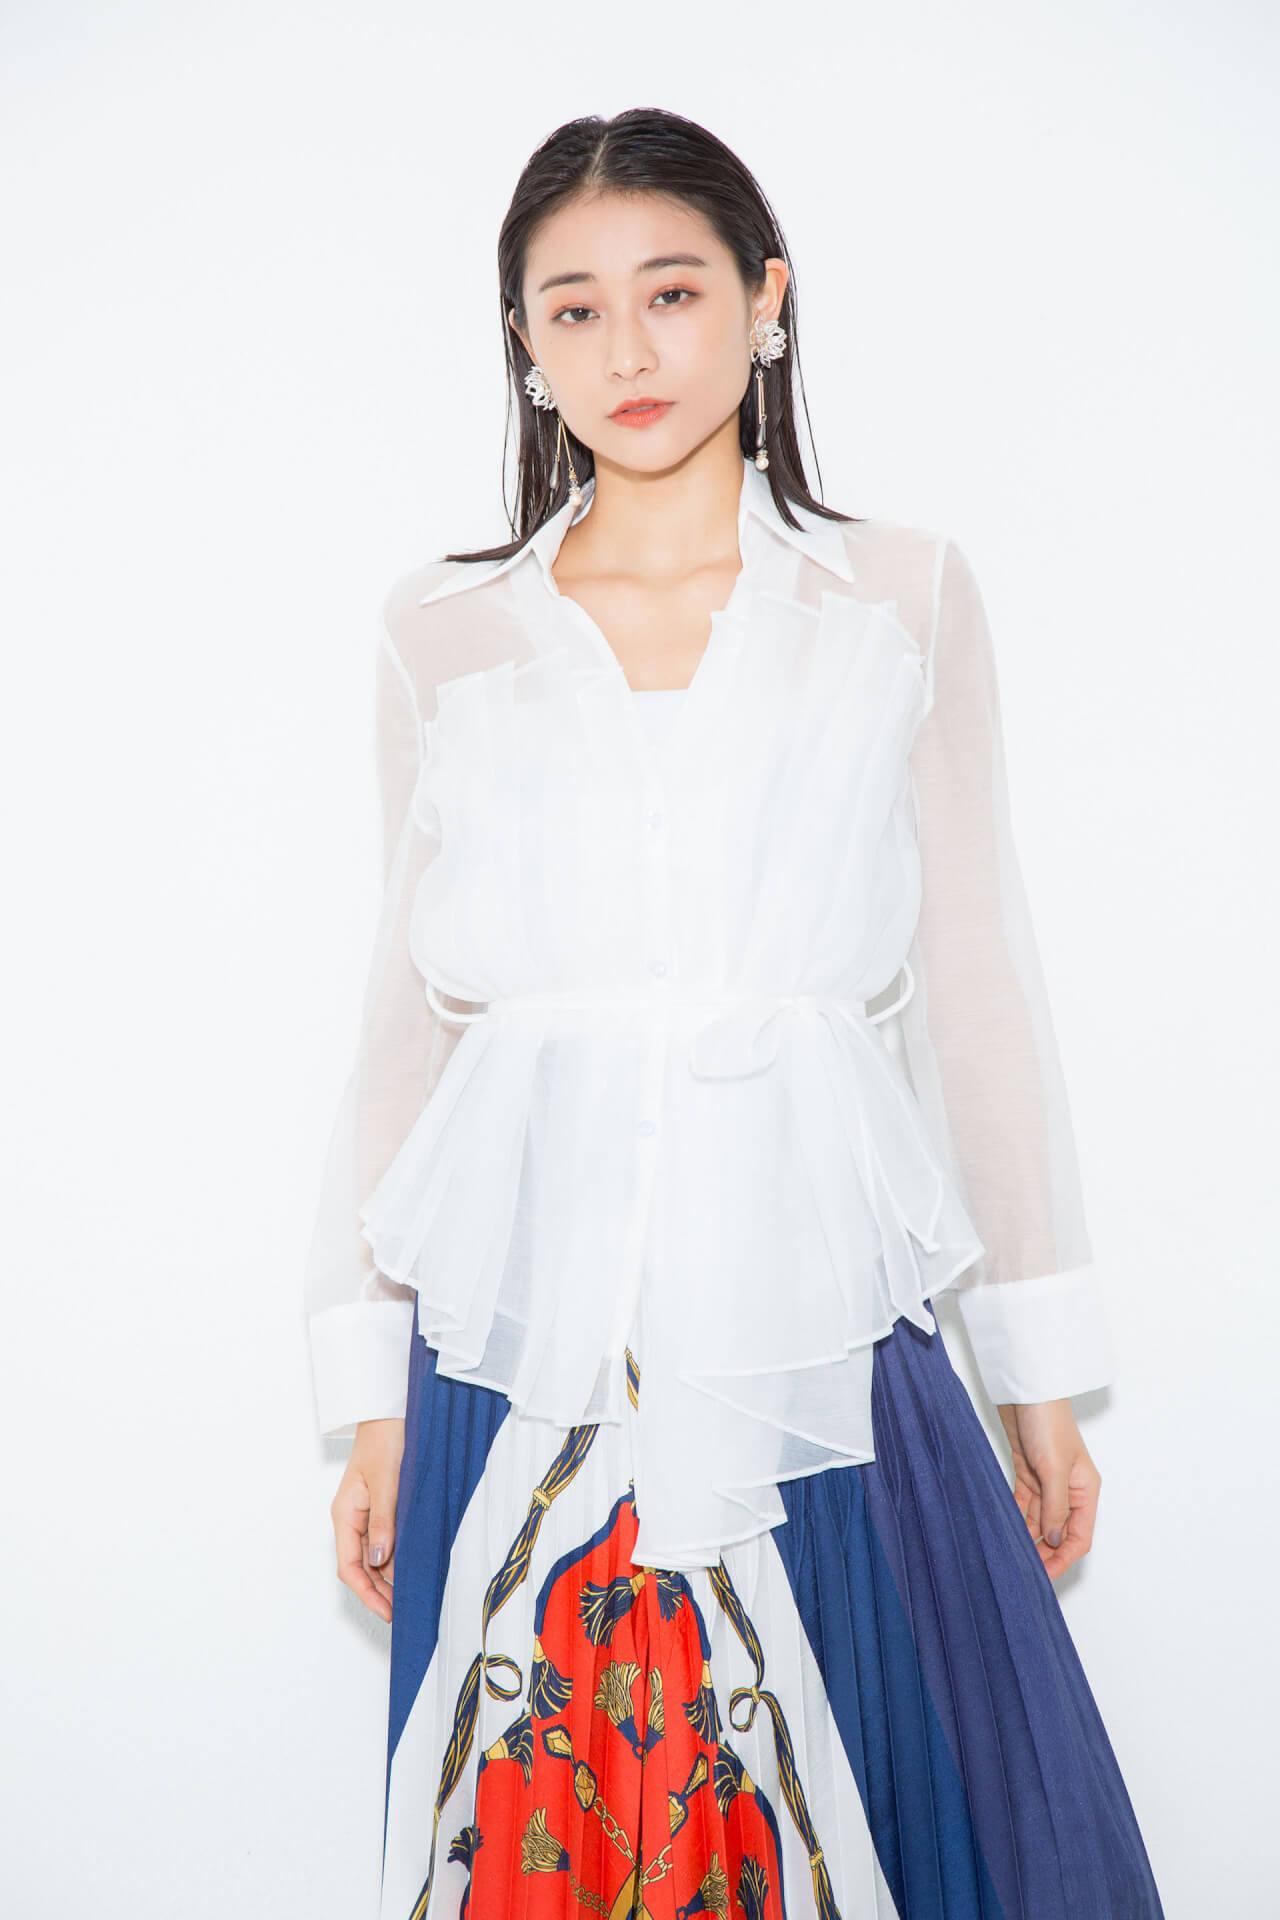 ソロアイドル和田彩花、ライブツアー開催決定!本人コメント&ファンクラブ開設も music191114_wadaayaka0